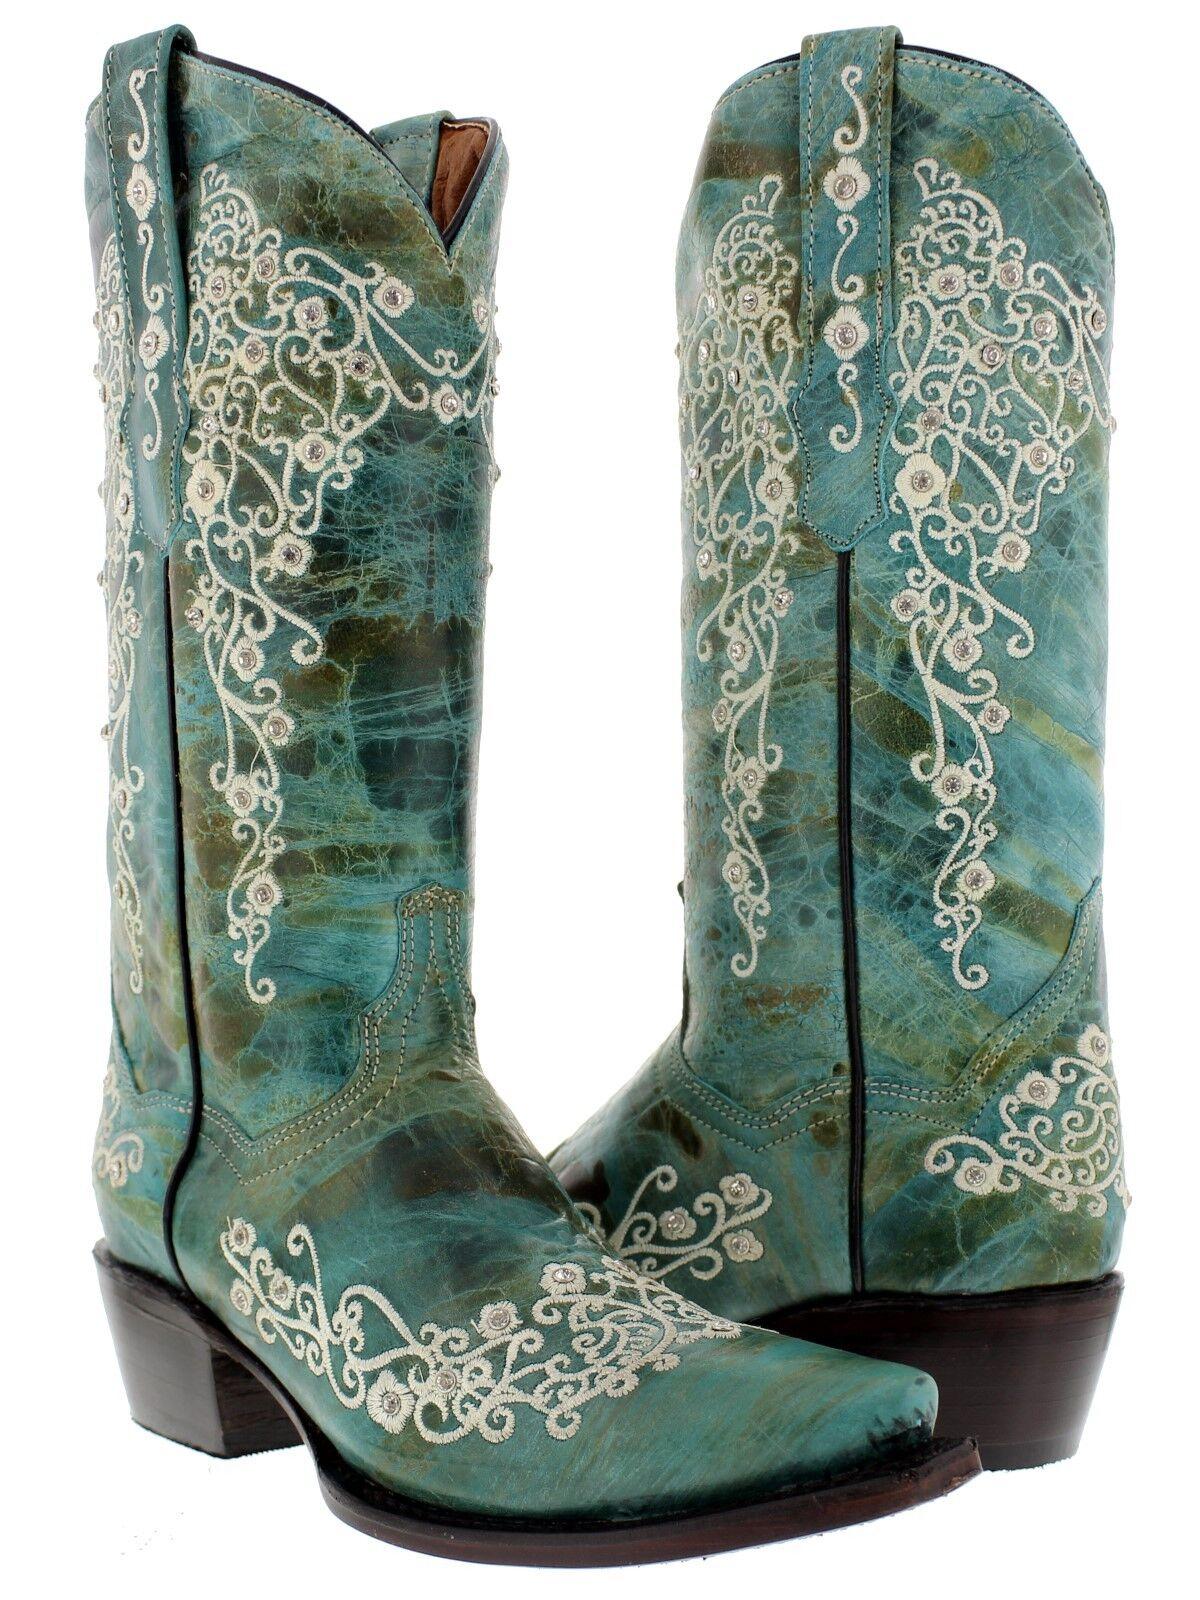 Mujer botas de vaquero occidental de Cuero Cuero Cuero Turquesa Pedrería Rodeo Vaquera  estar en gran demanda